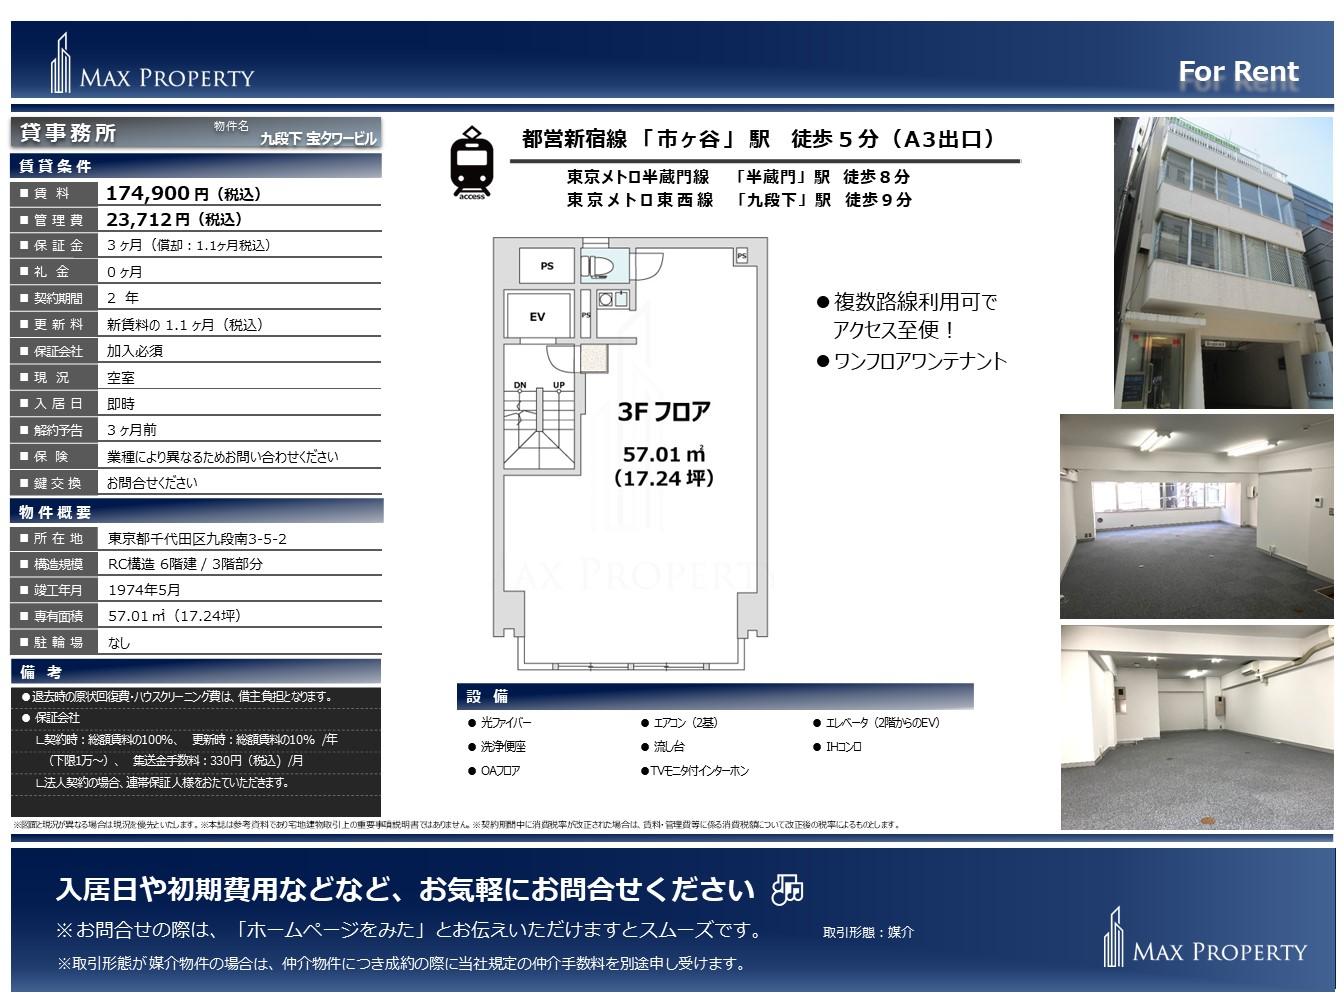 HP_九段下宝タワービル3F_20210426